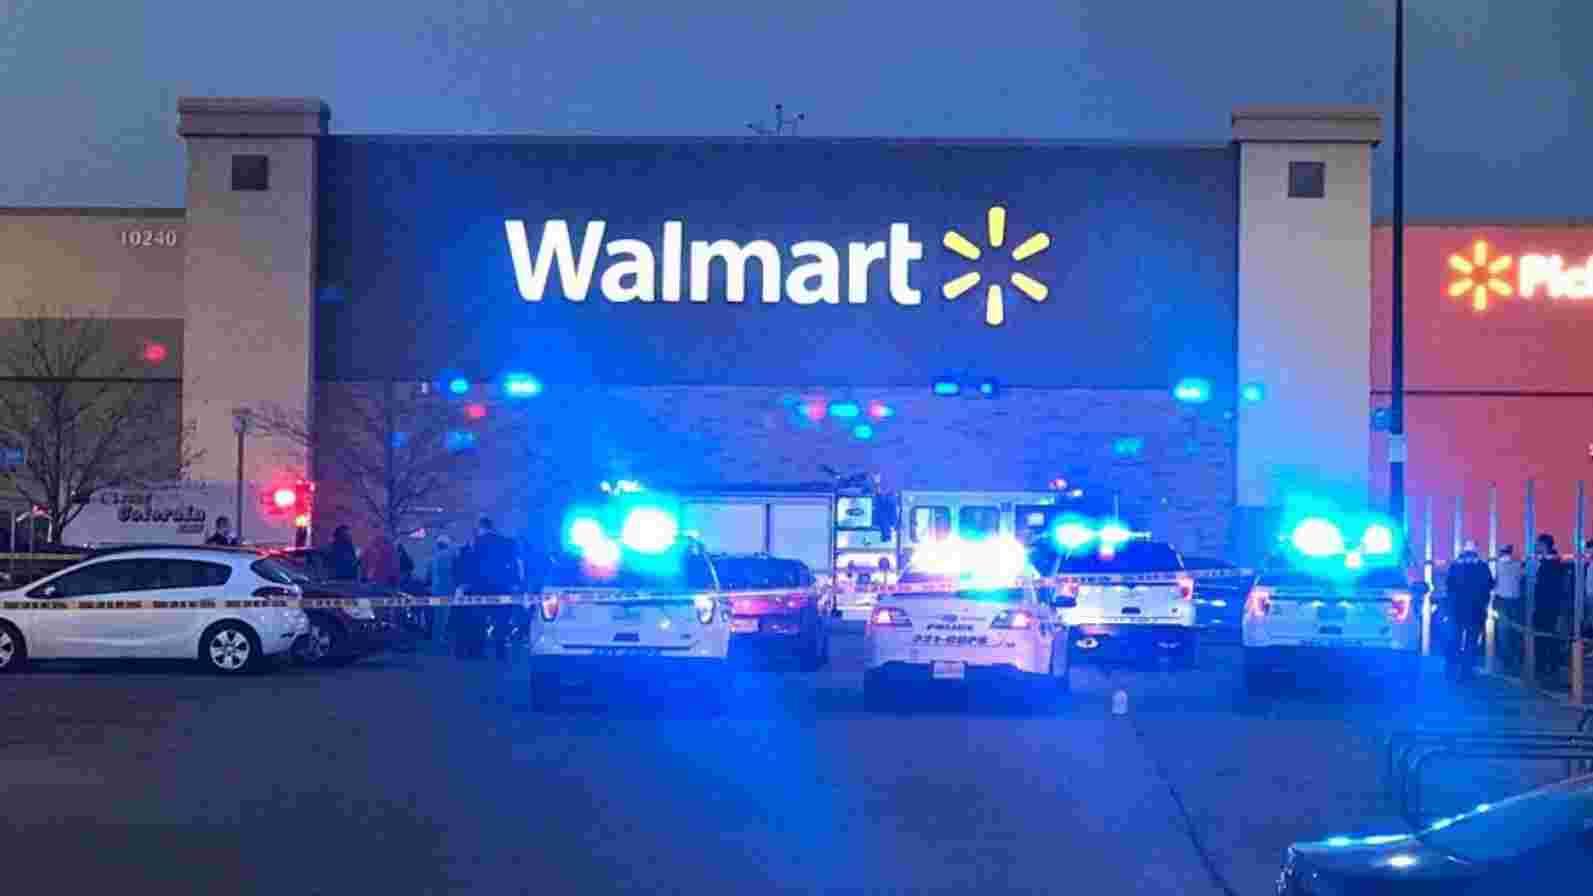 Walmart: Cadeia de lojas americanas decide remover propaganda de games violentos 3